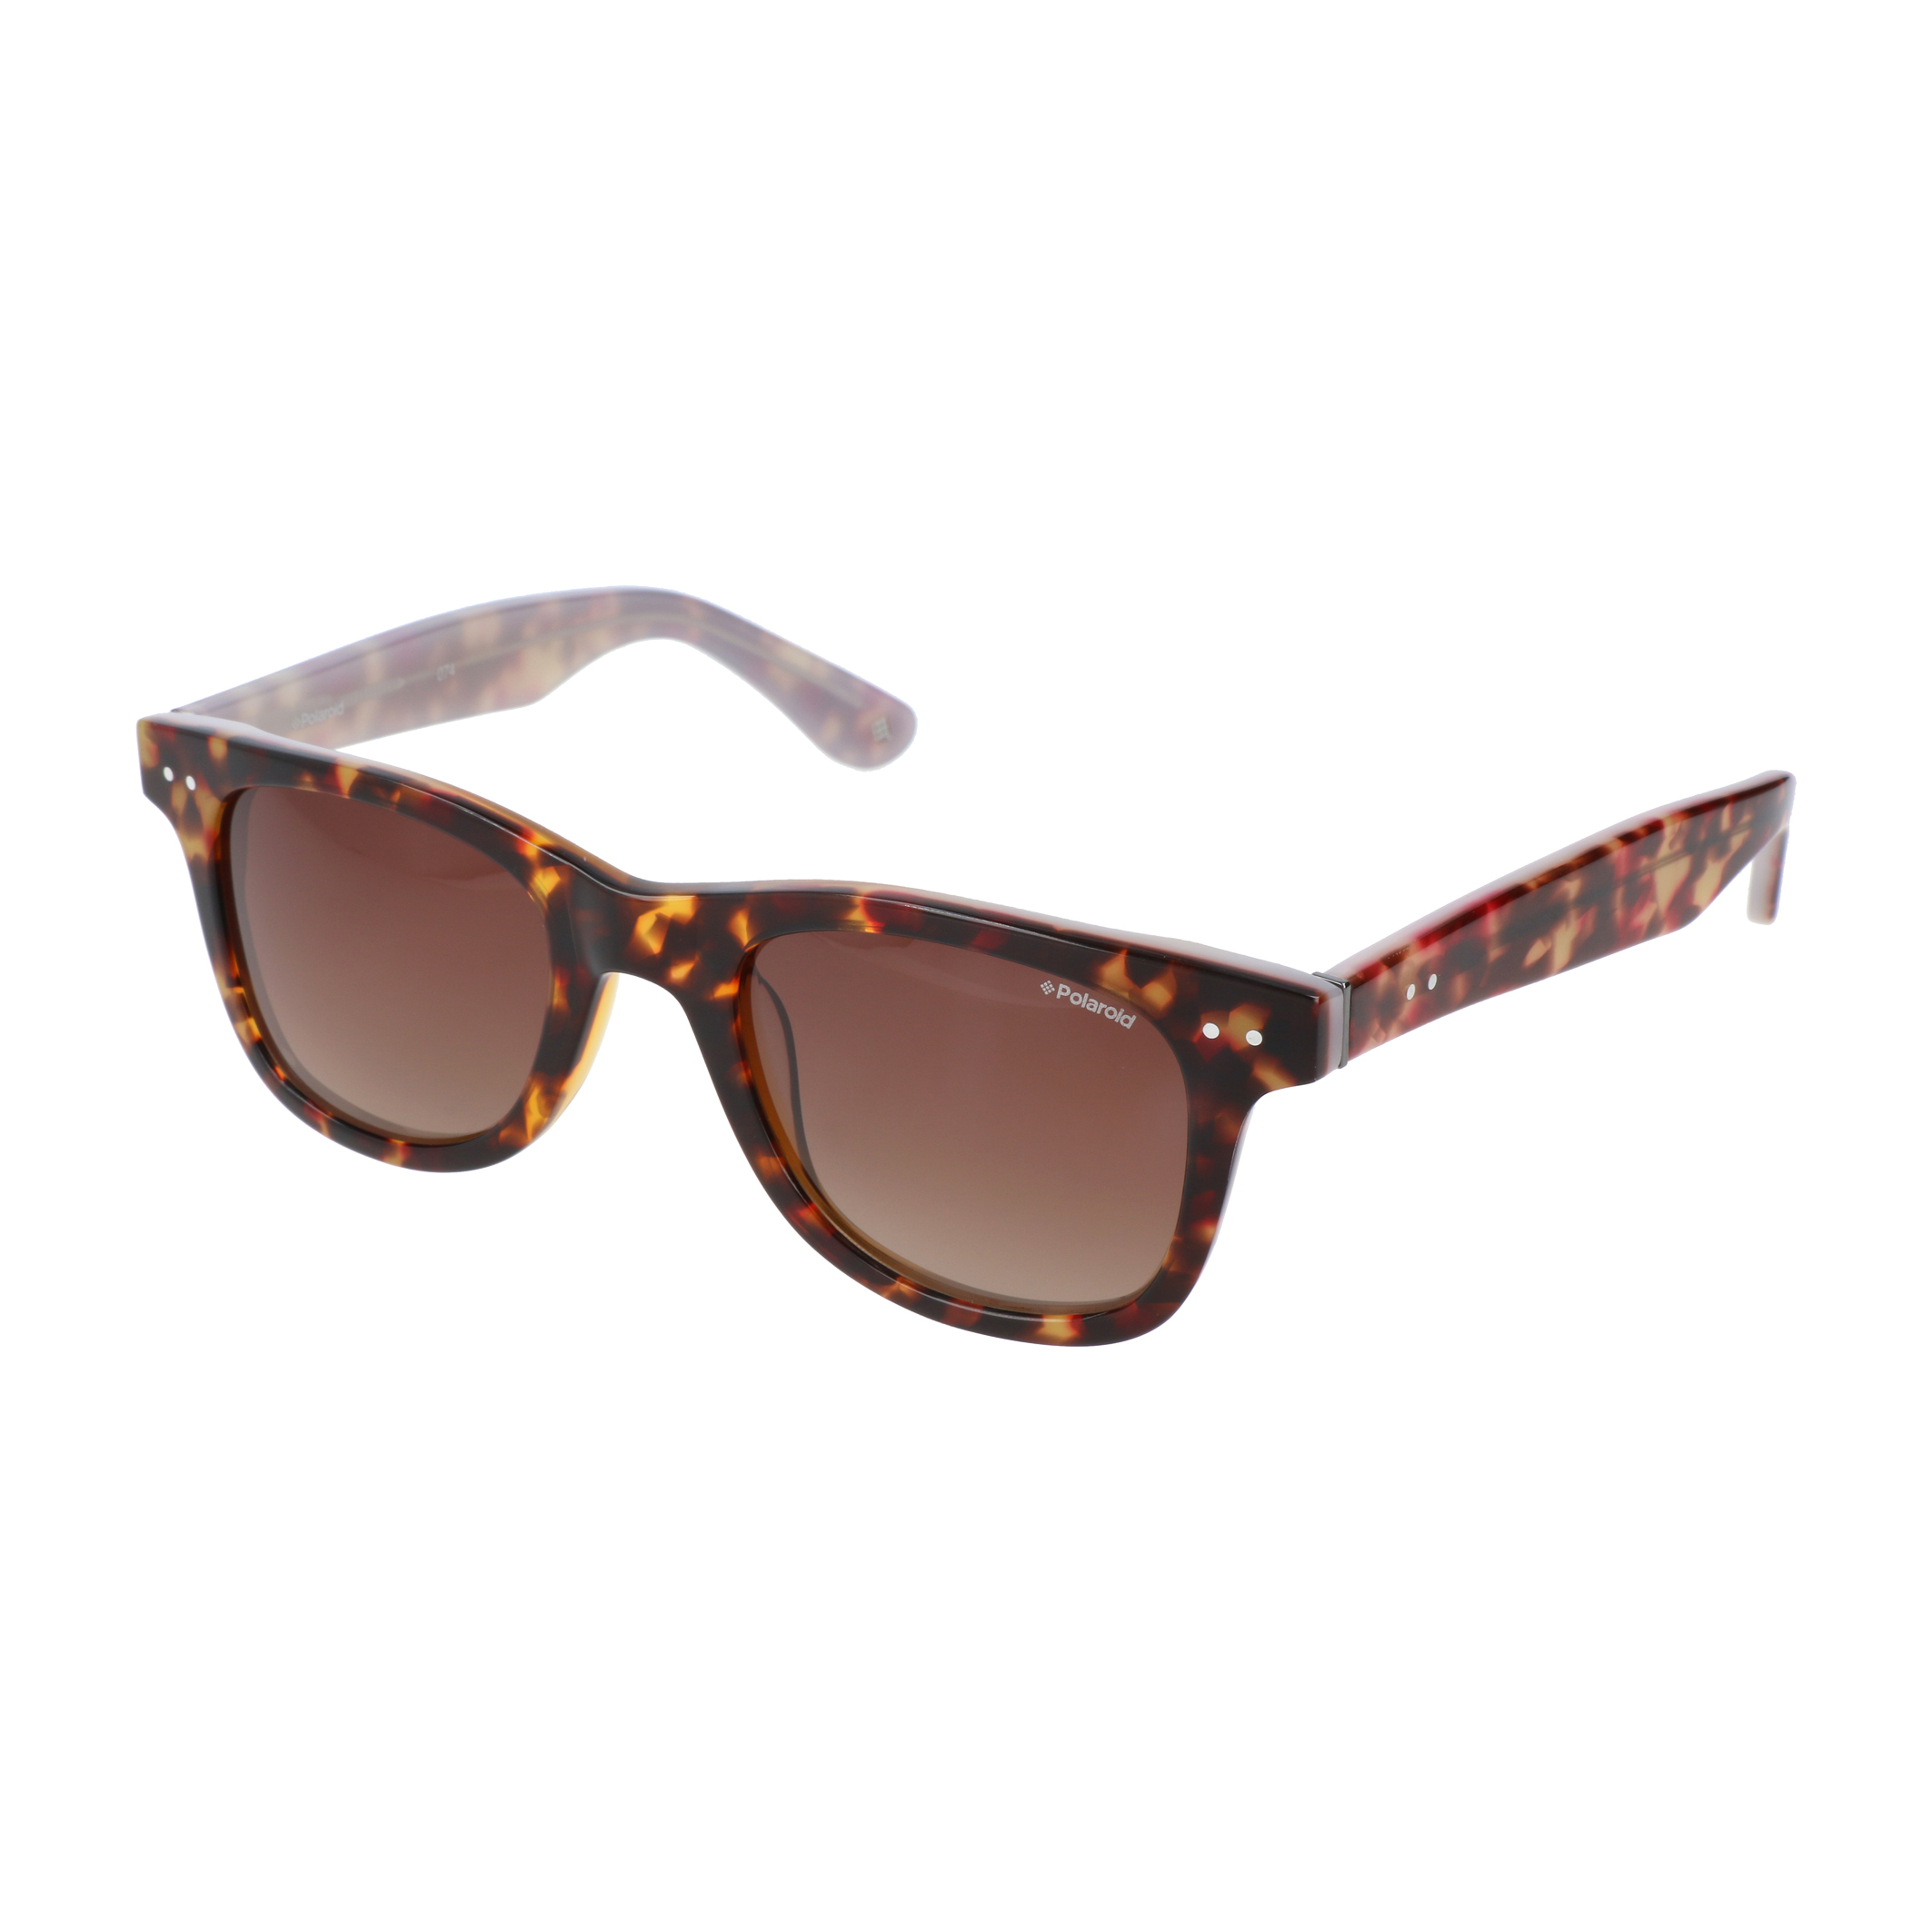 Slnečné okuliare Polaroid - Glami.sk fe3f6f11b03